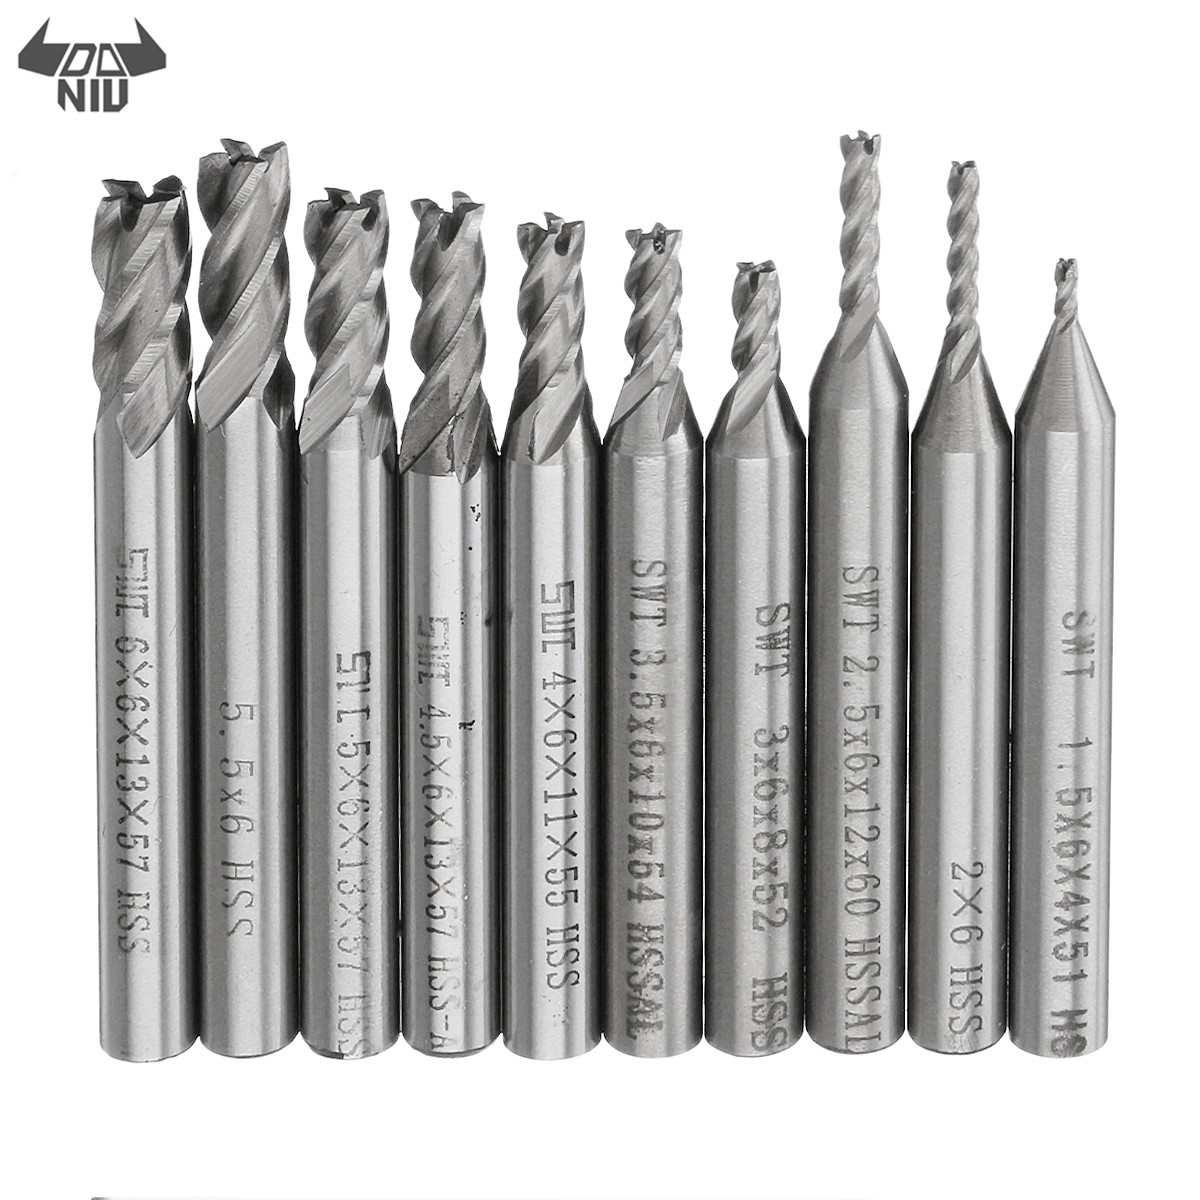 DANIU 10pcs/set 1.5-6mm HSS 4 Flute End Mill Cutter 6mm Straight Shank CNC Drill Bit Set High Speed Steel